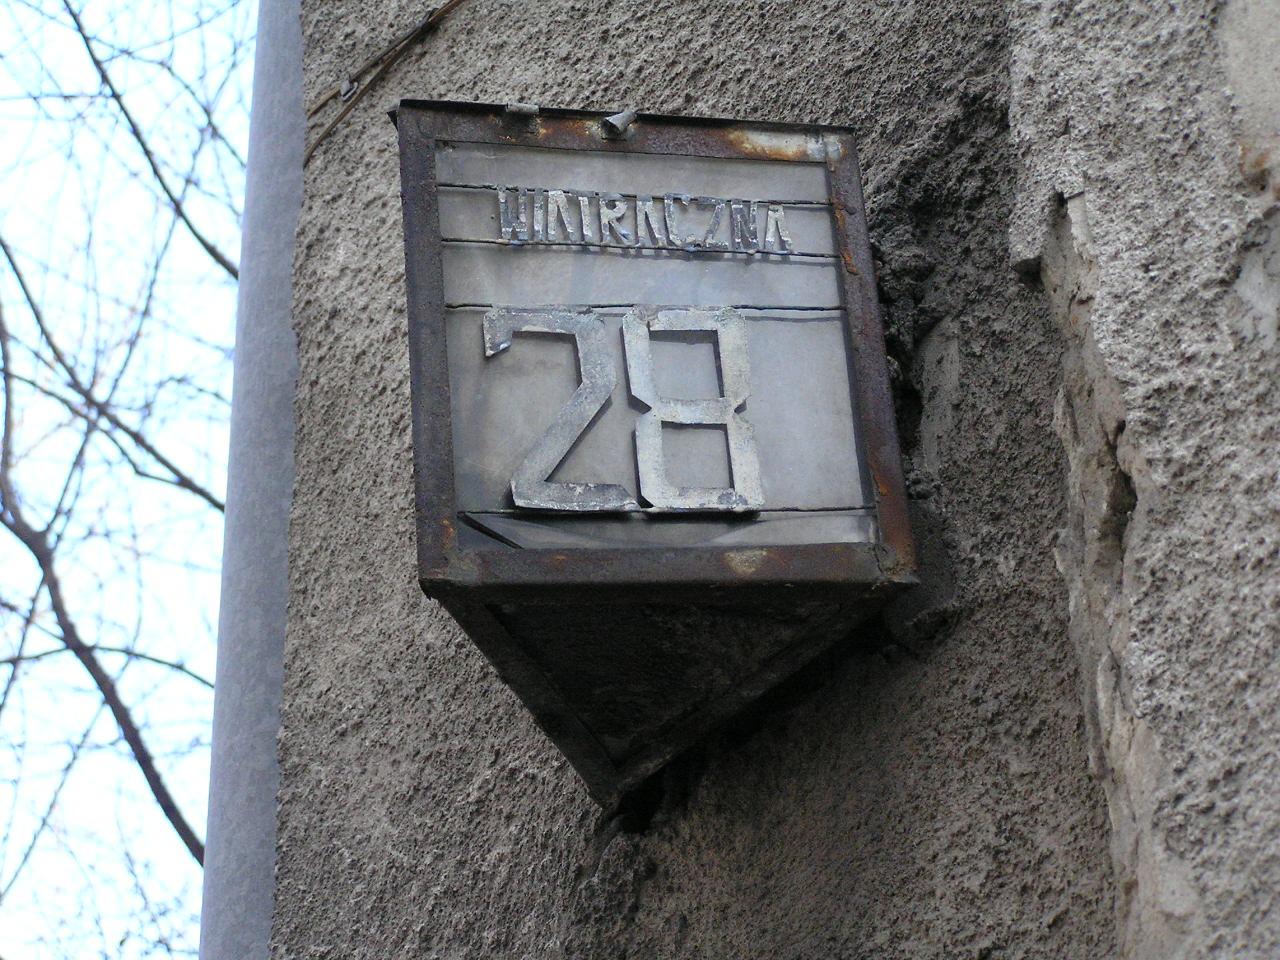 Latarenka adresowa - Wiatraczna 28A